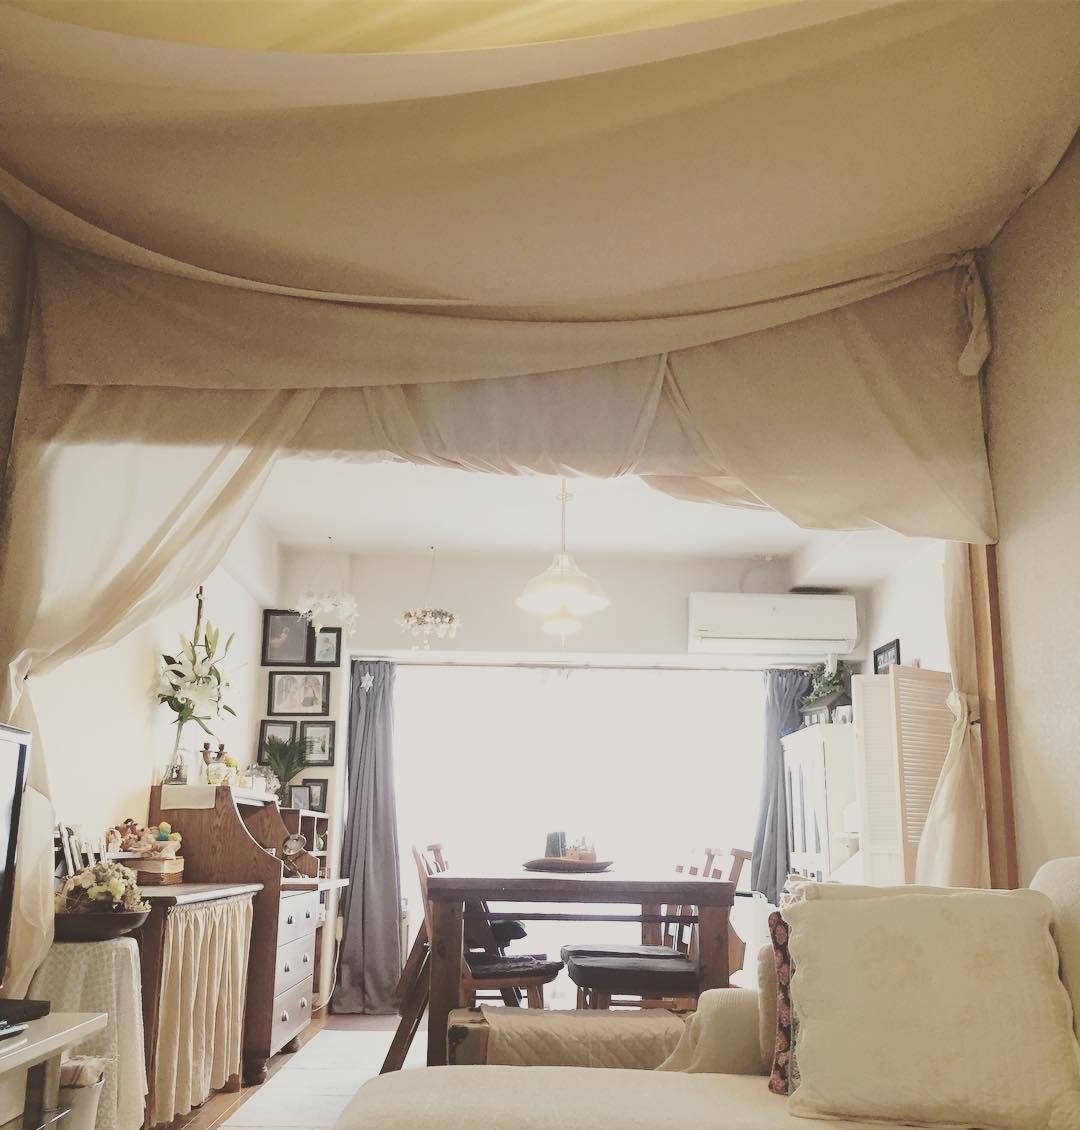 おしゃれな天井インテリア 雰囲気作りなら布天井におまかせ